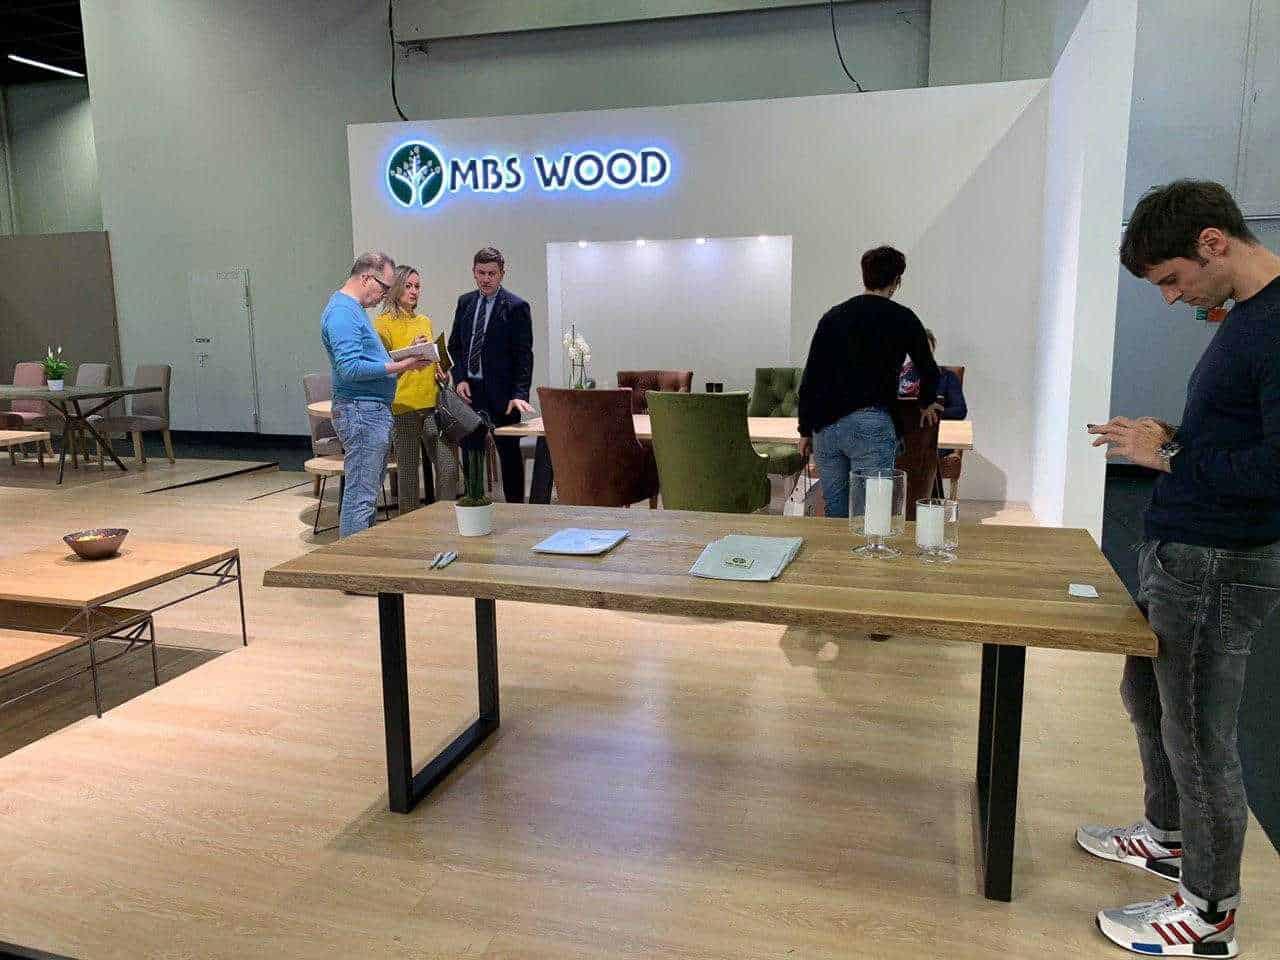 Drewniane stoły wystawowe do mebli